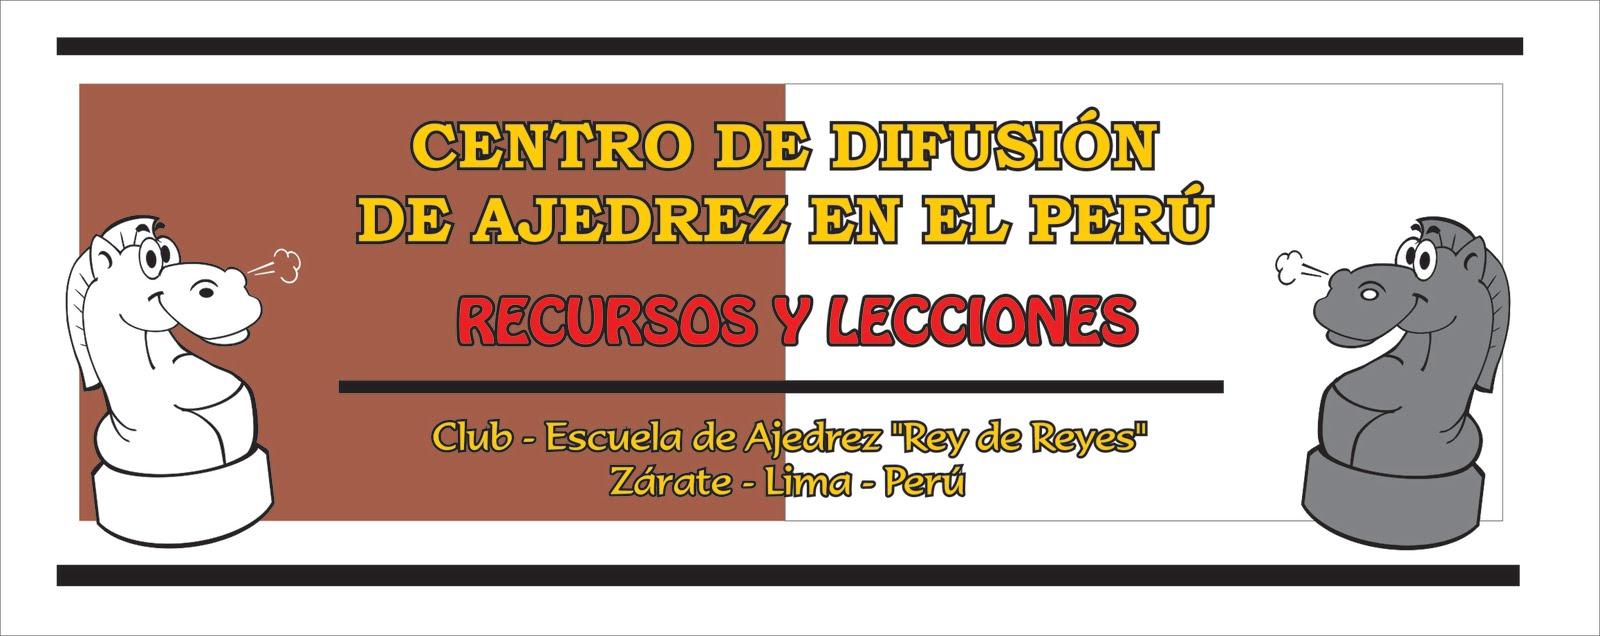 DESCARGAS DE RECURSOS DE AJEDREZ